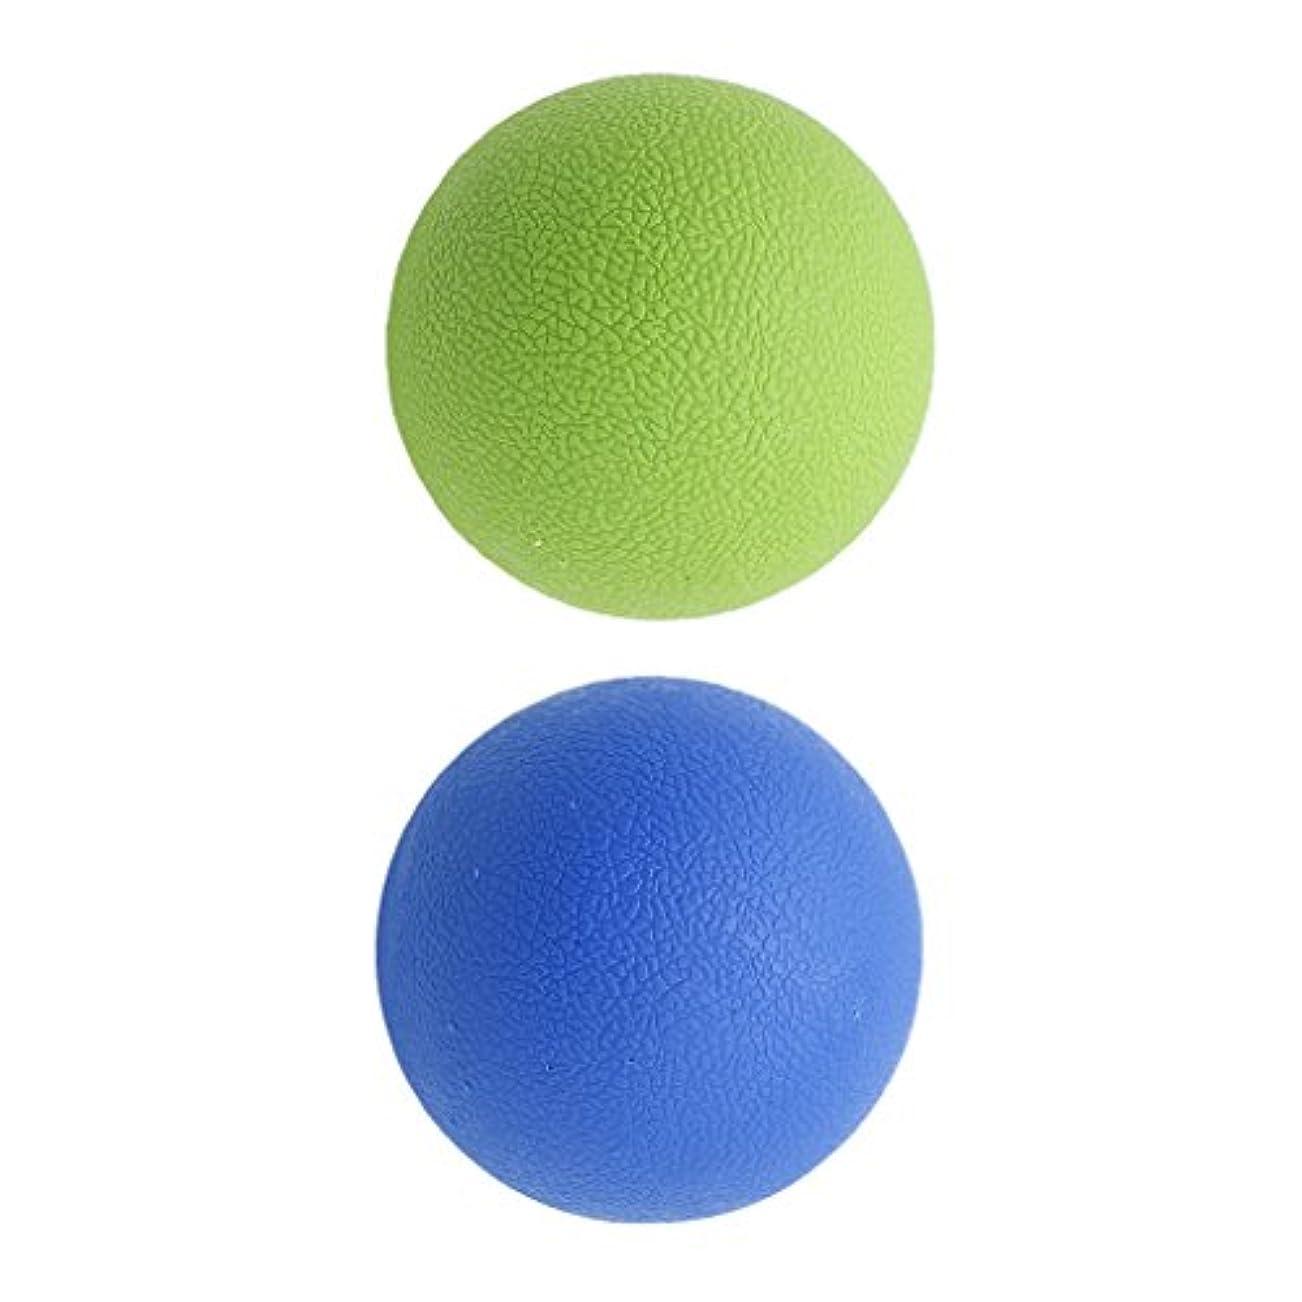 行違法出費2個 マッサージボール ラクロスボール 背部 トリガ ポイント マッサージ 多色選べる - ブルーグリーン